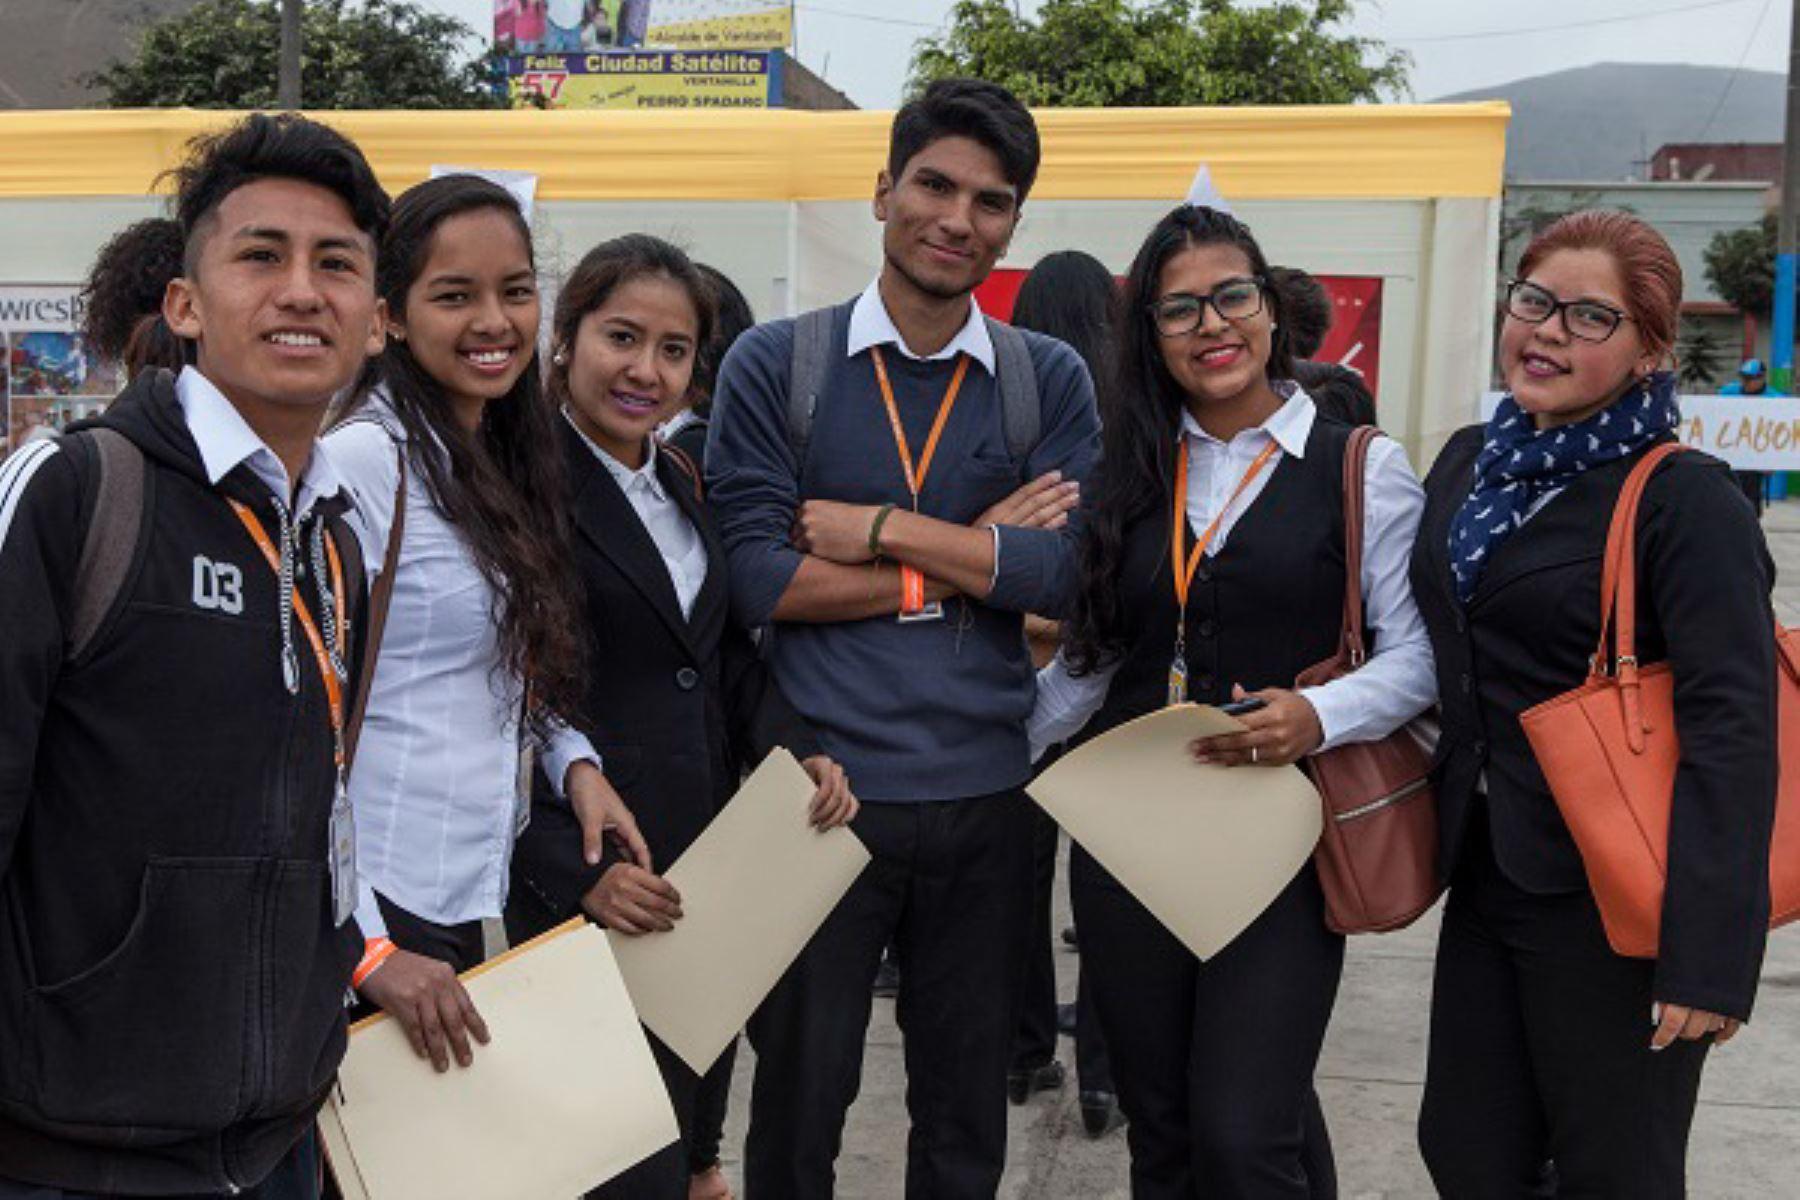 Fundación Forge ofrece más de 600 becas para formación y trabajo de jóvenes entre 18 y 24 años